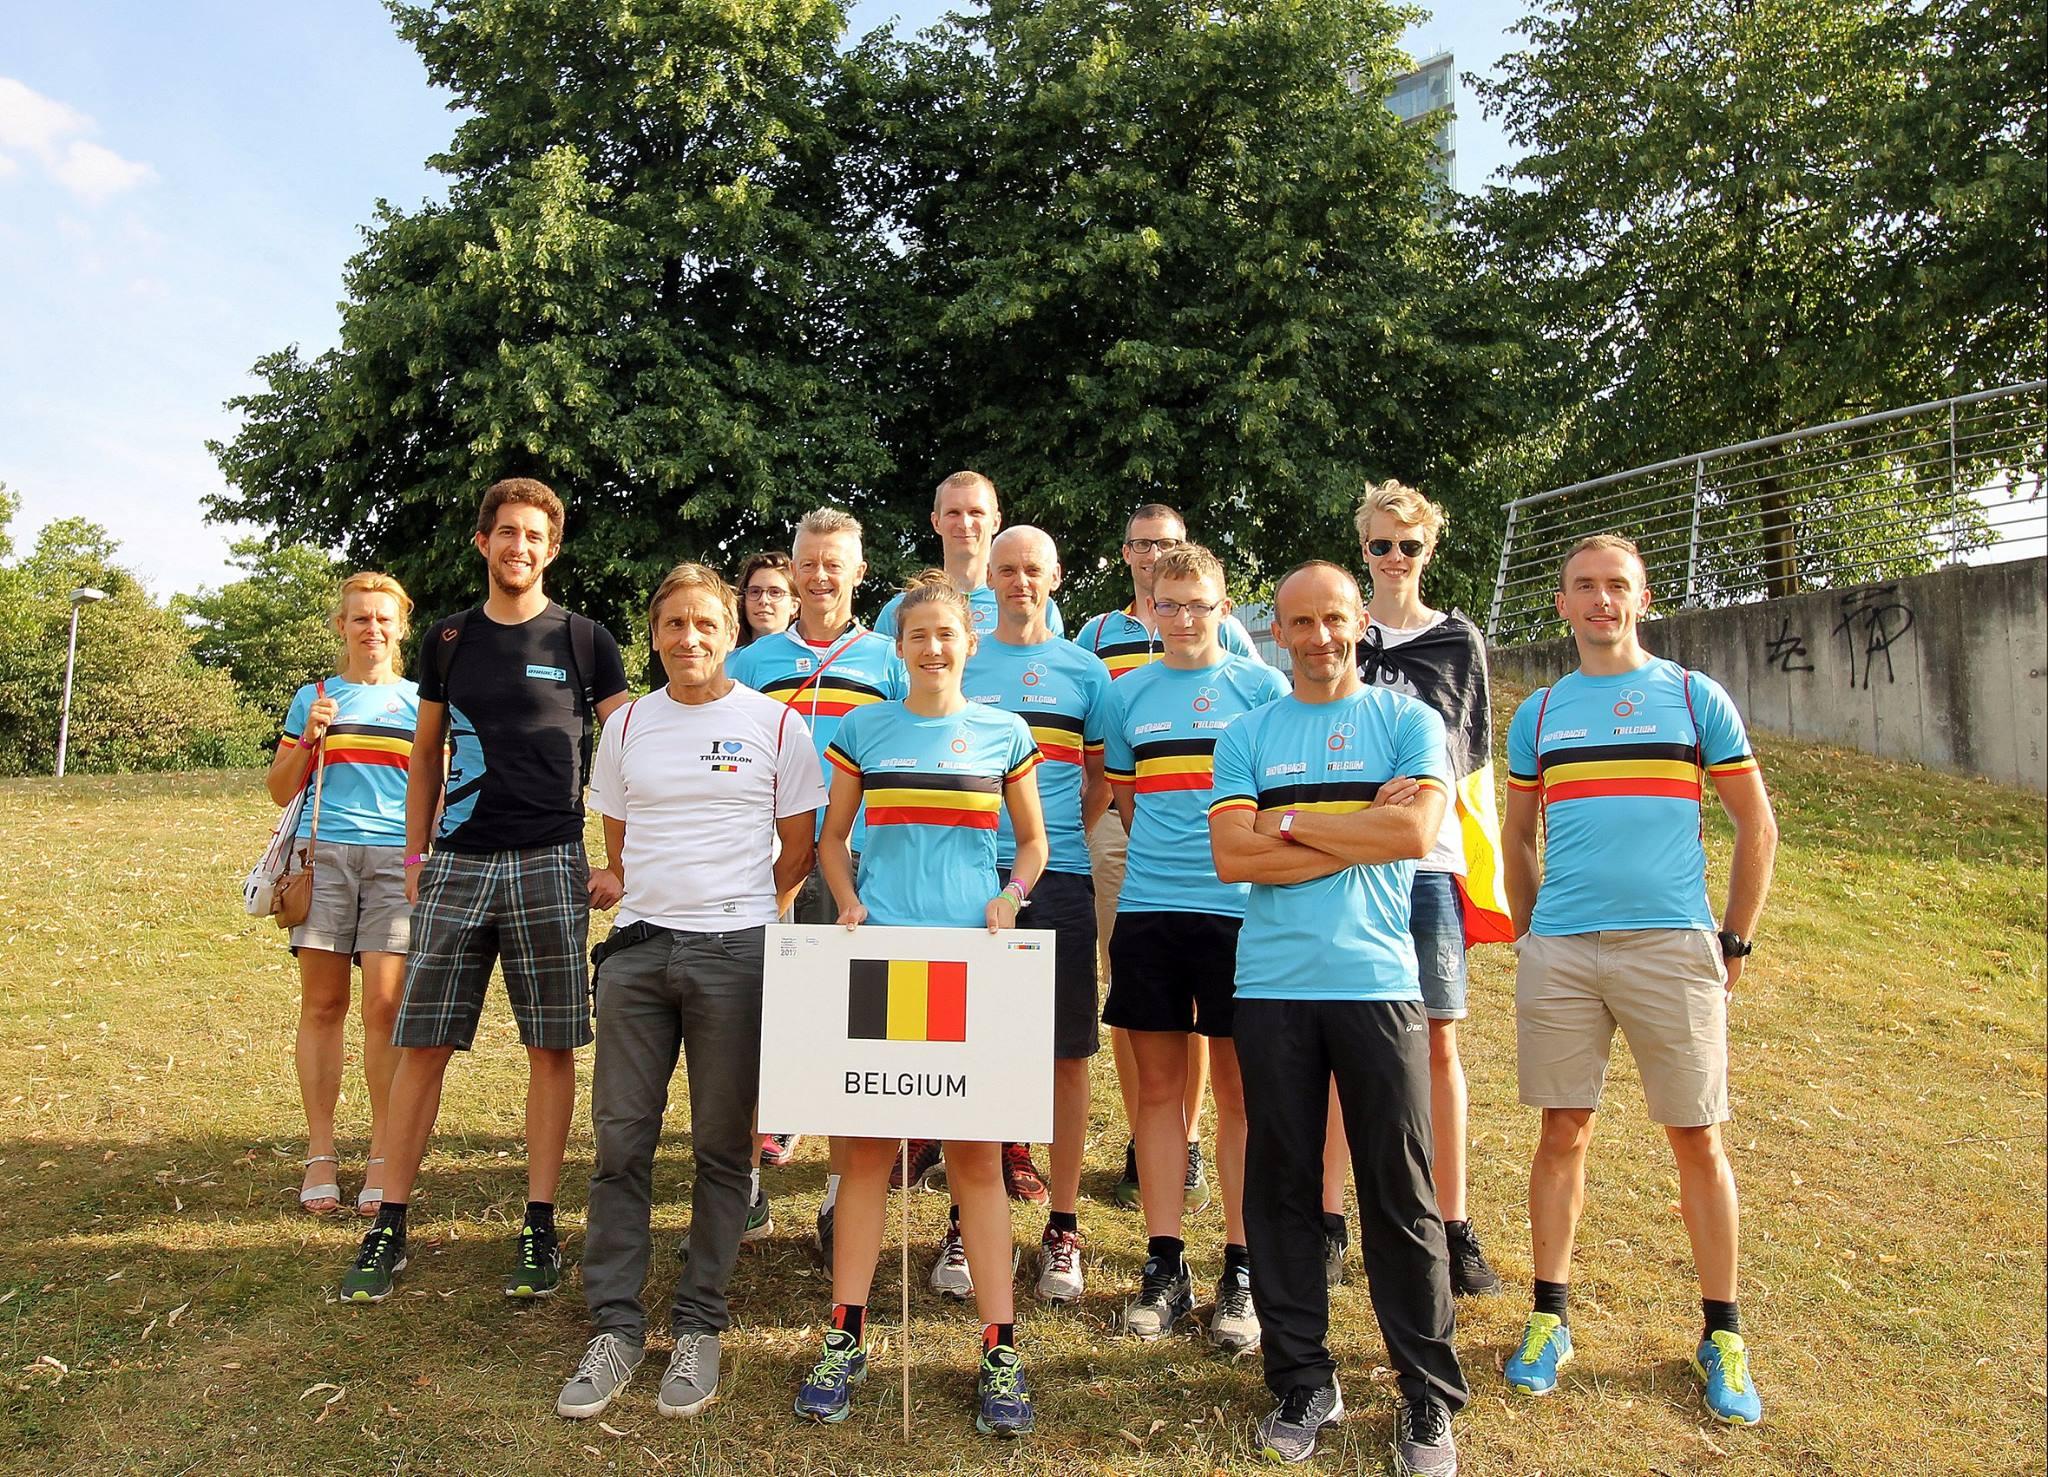 Team 3 Belgium Dusseldorf